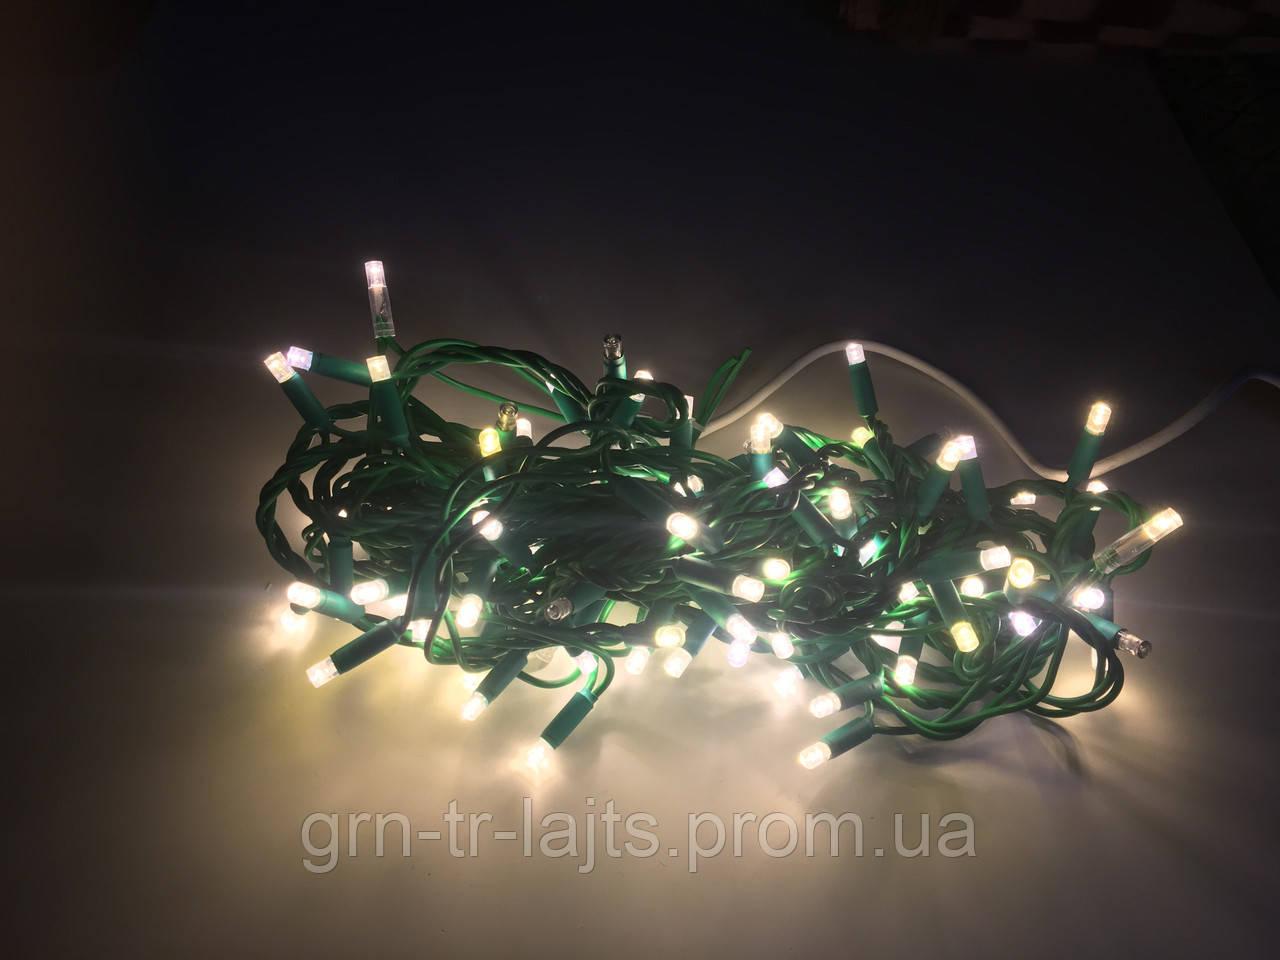 Уличная гирлянда Flash-String UASTANDART зеленый кабель Теплый белый без флеша 10м 100 диодов